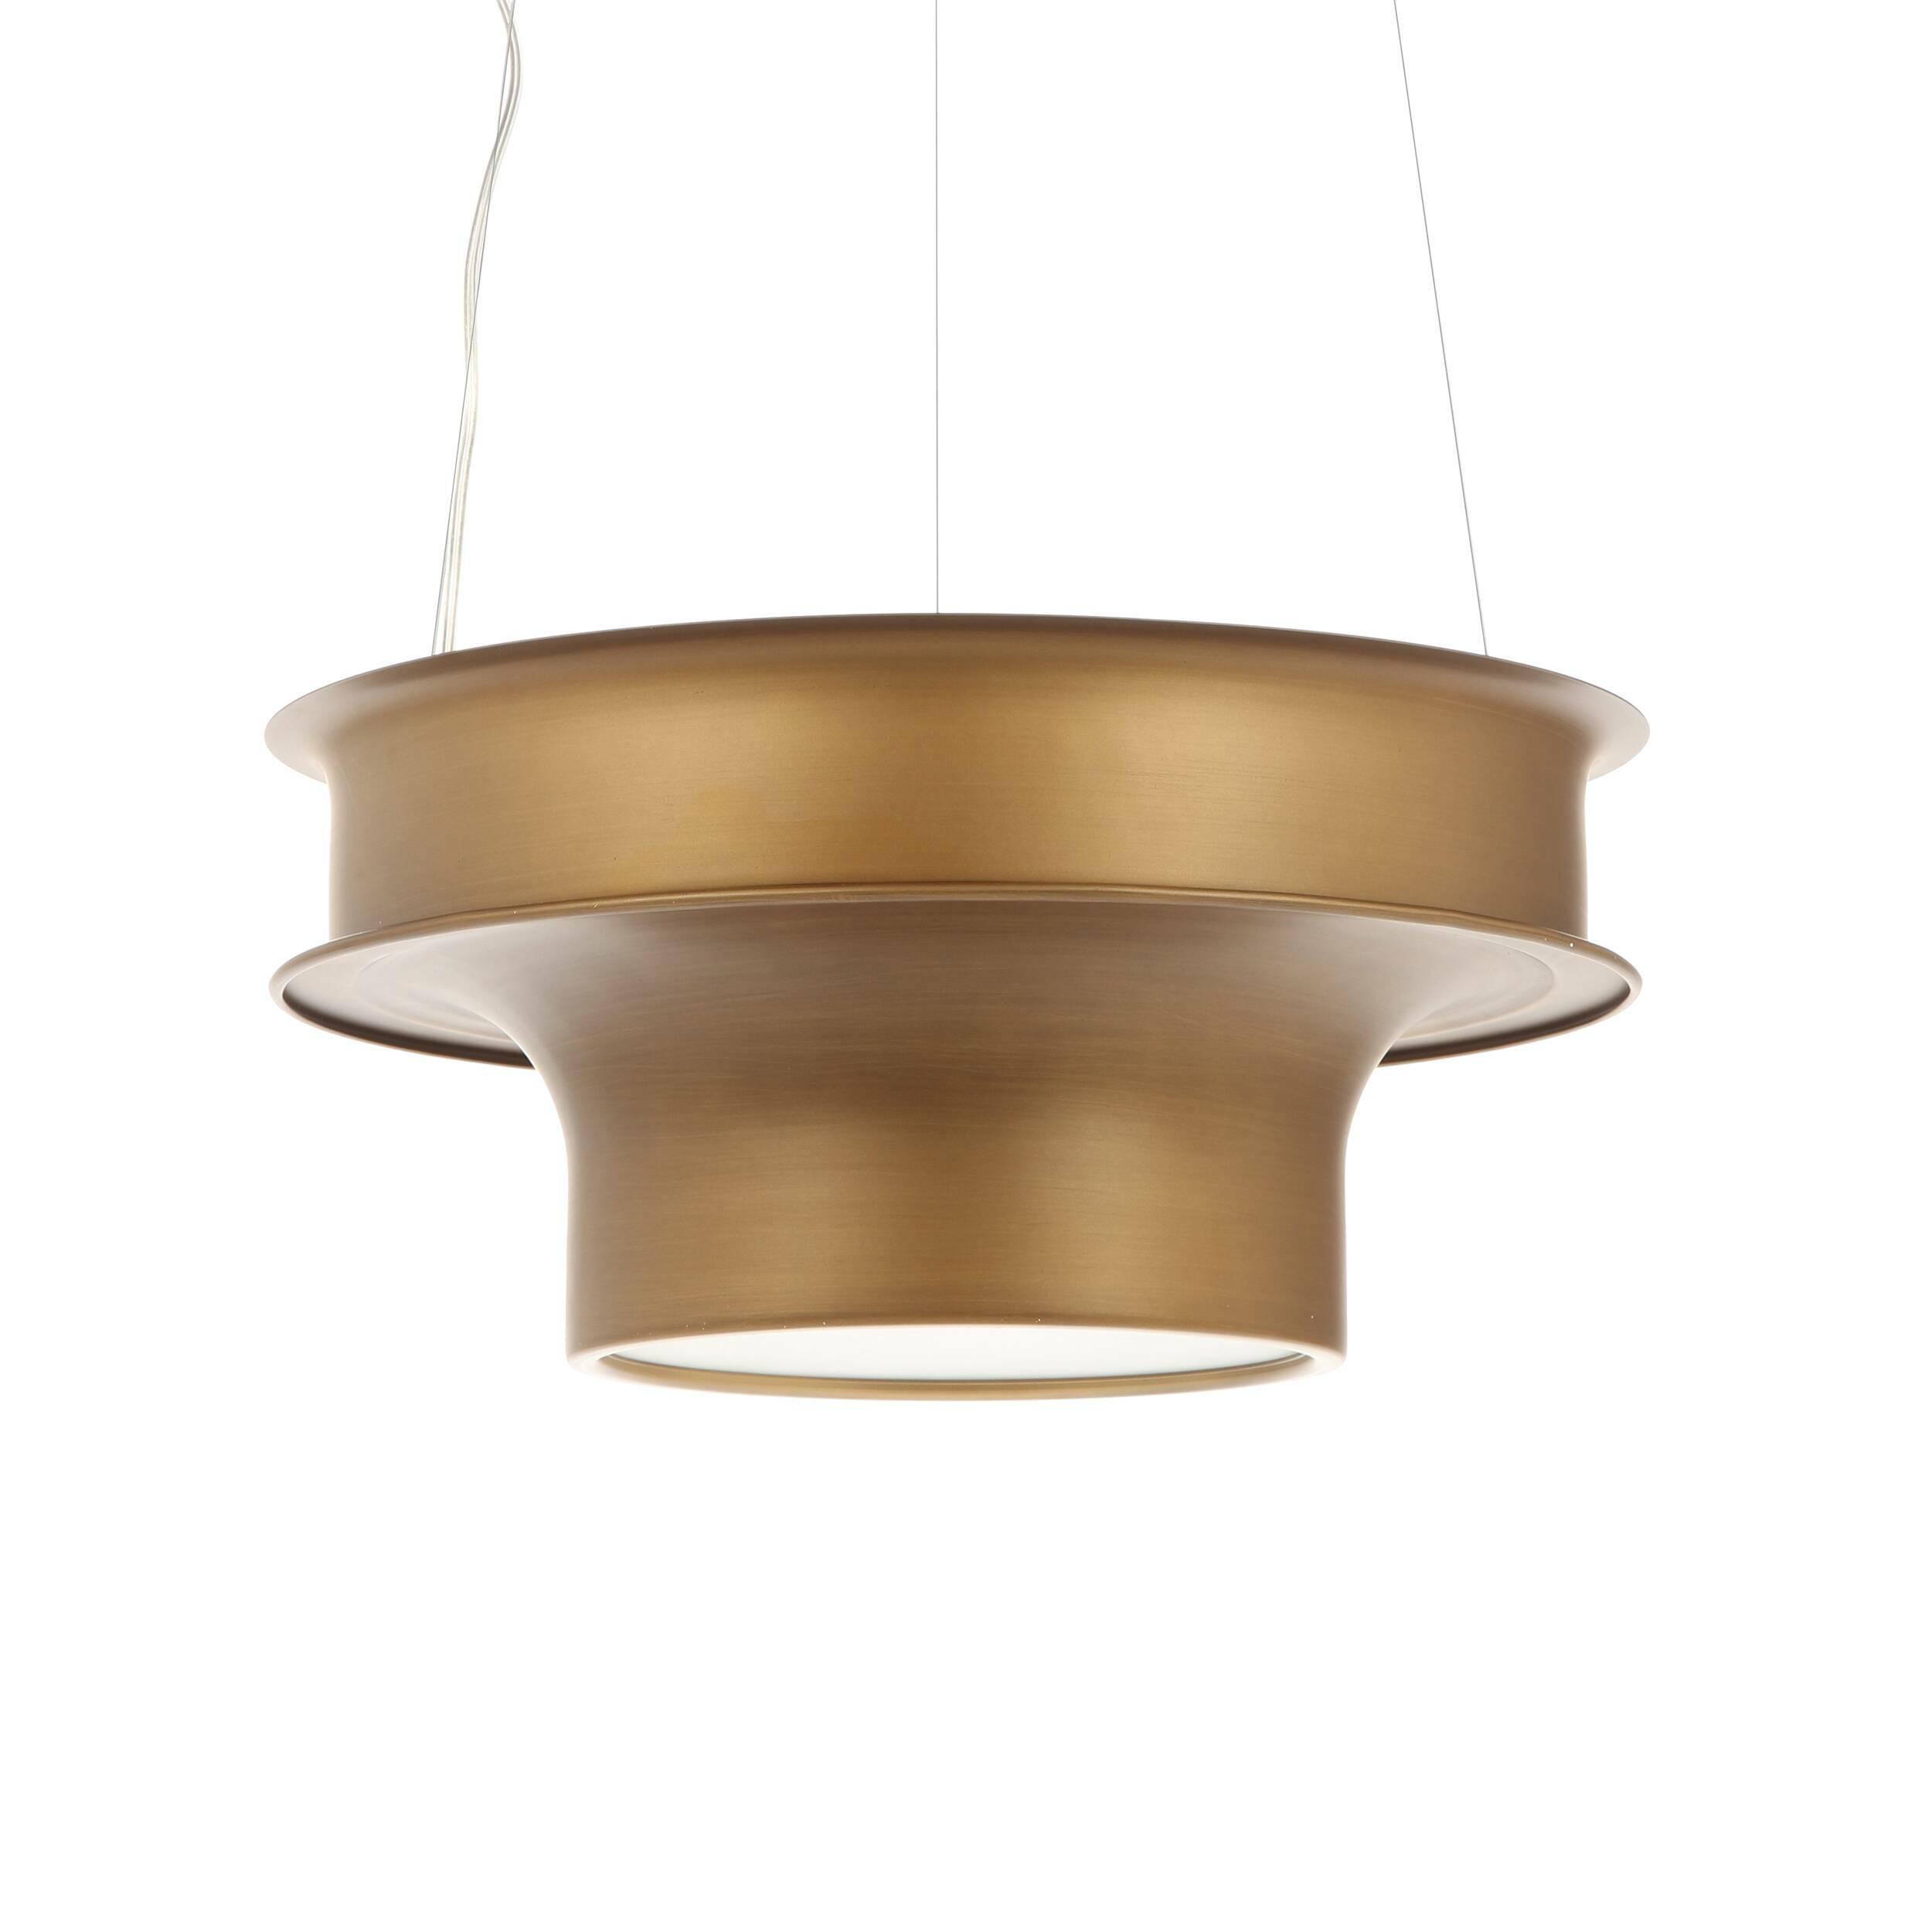 Купить Подвесной светильник Maserlo Double диаметр 45, Cosmo